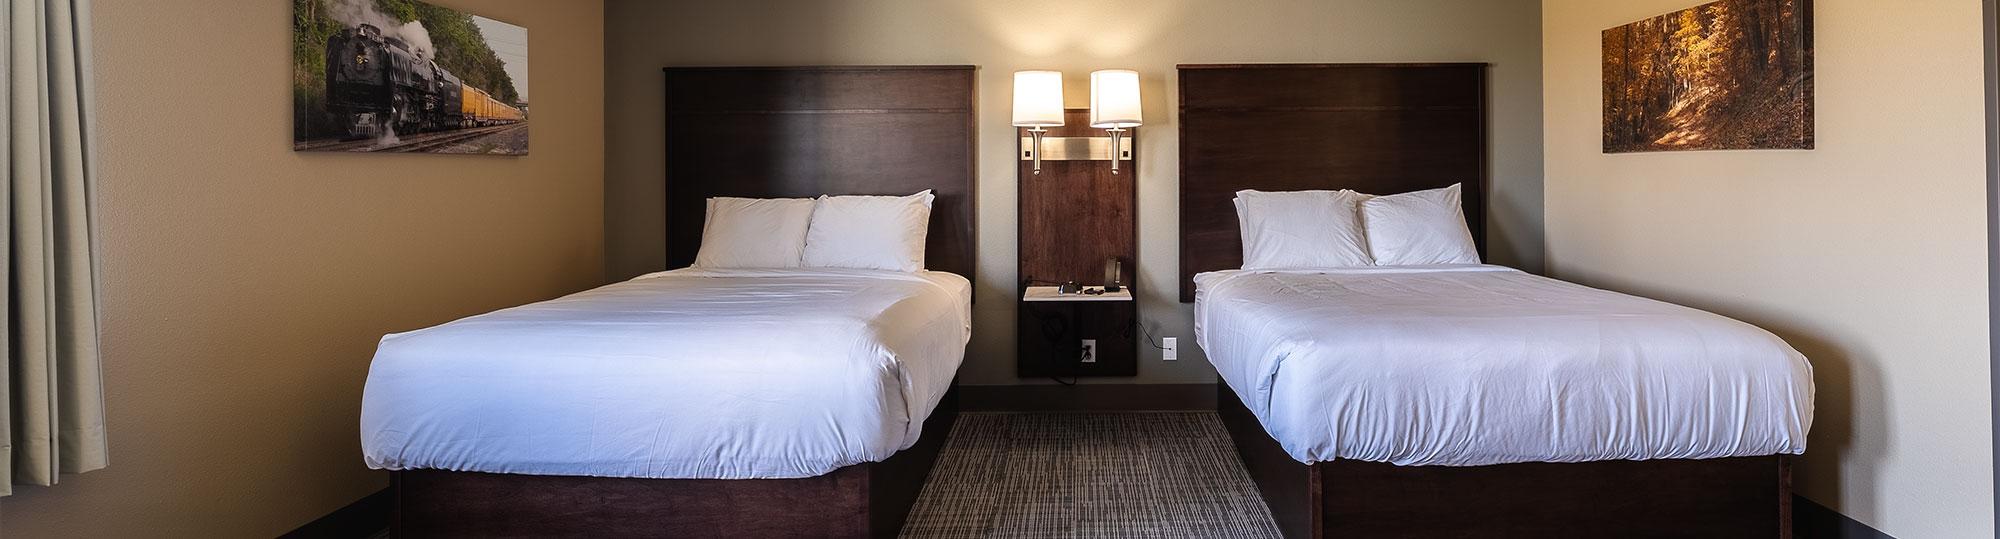 Cobblestone Inn and Suites Trenton